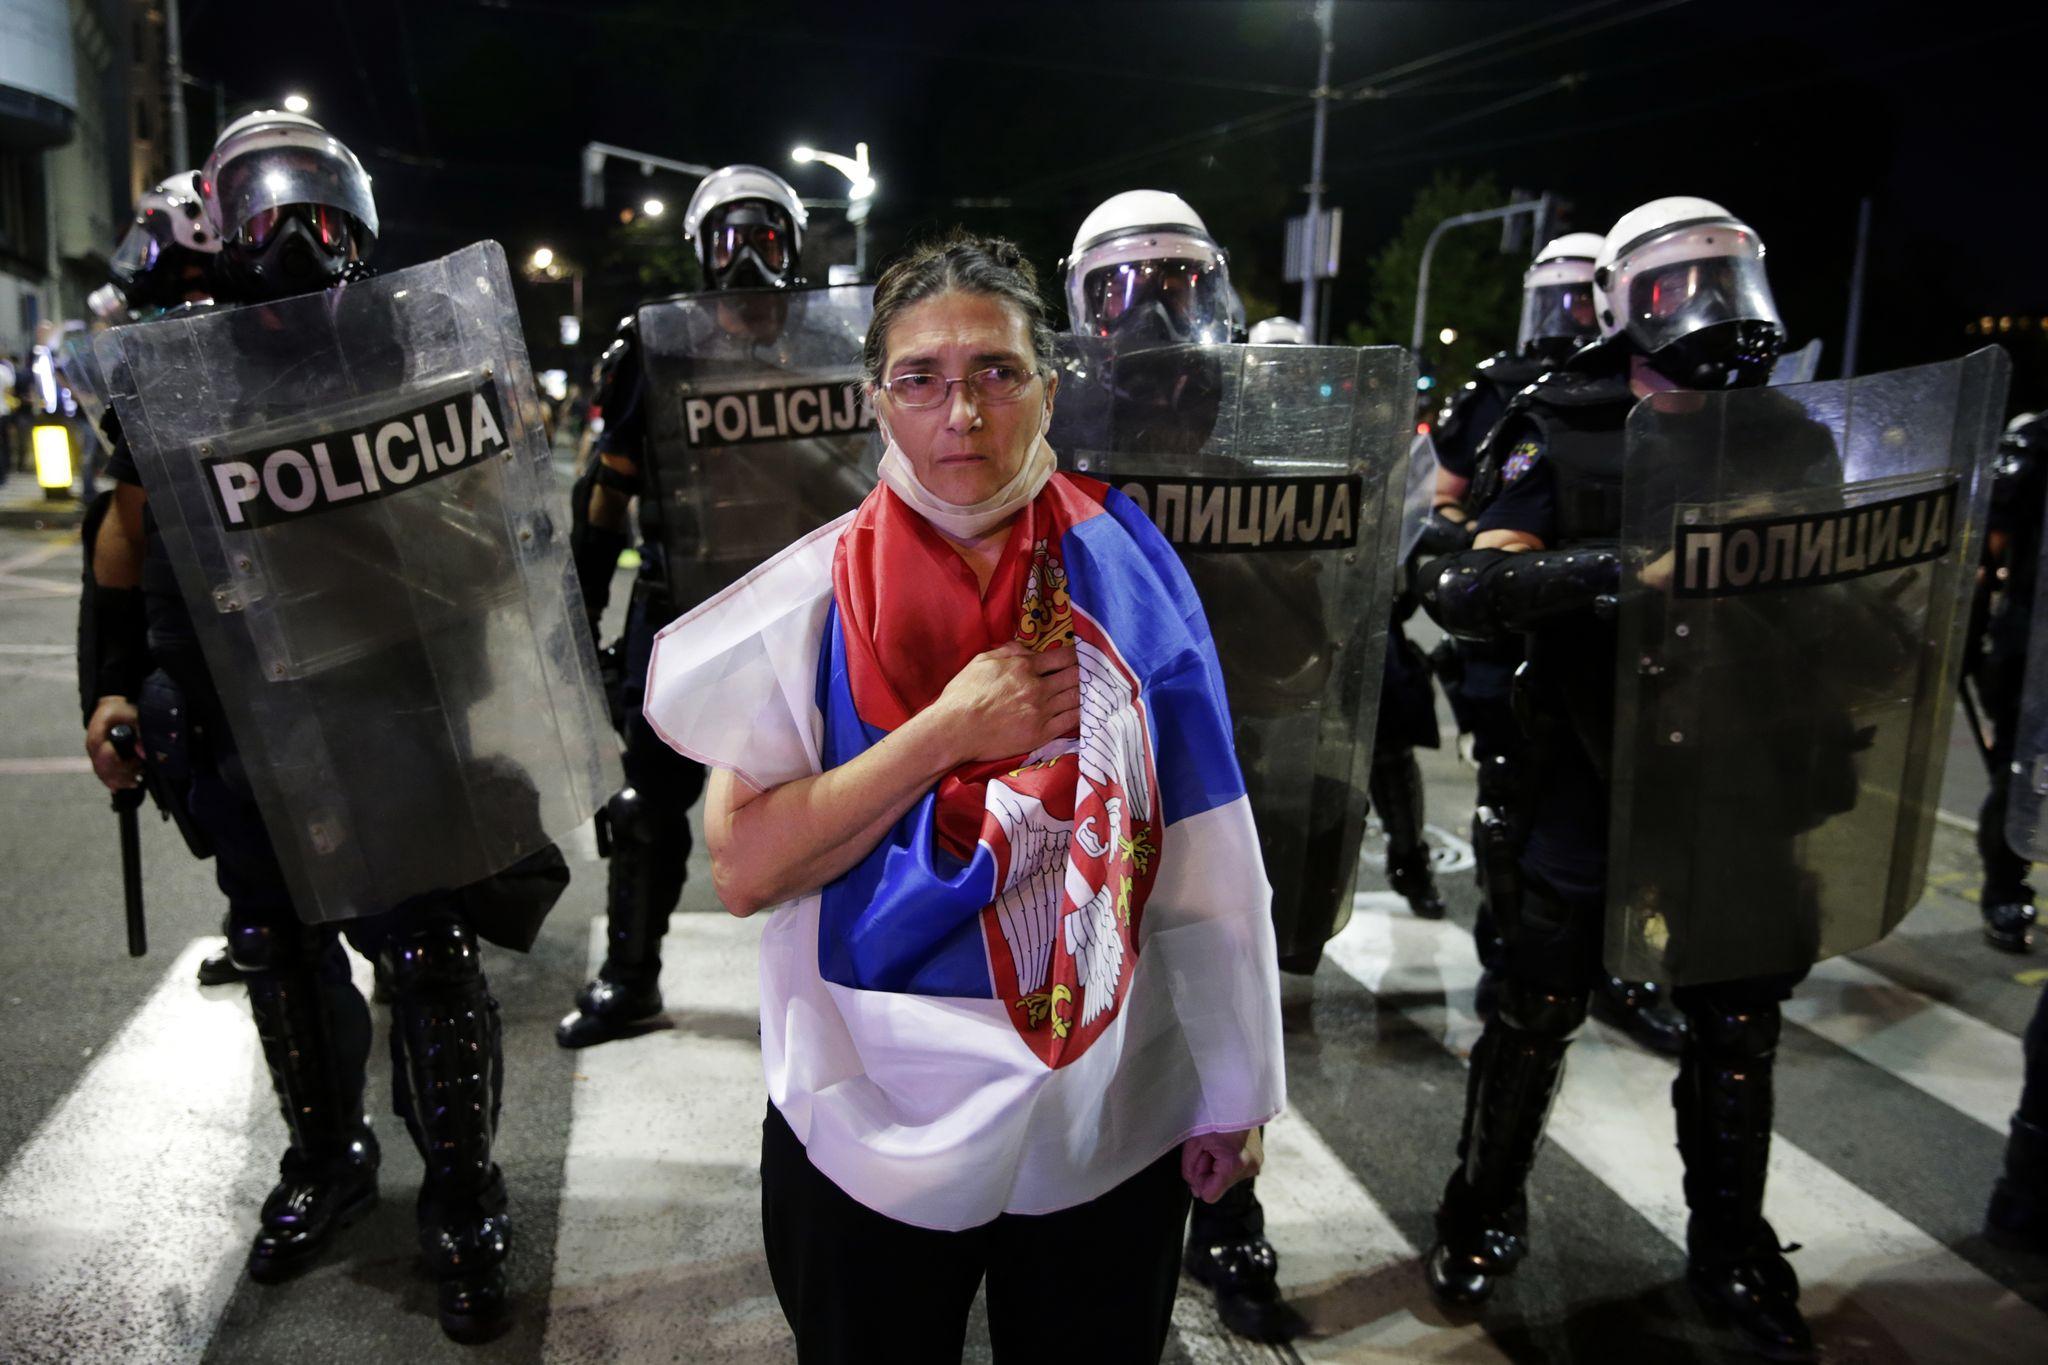 세르비아 국기로 몸을 감싼 한 베오그라드 시위대가 경찰 저지선 앞에 서 있다. EPA=연합뉴스